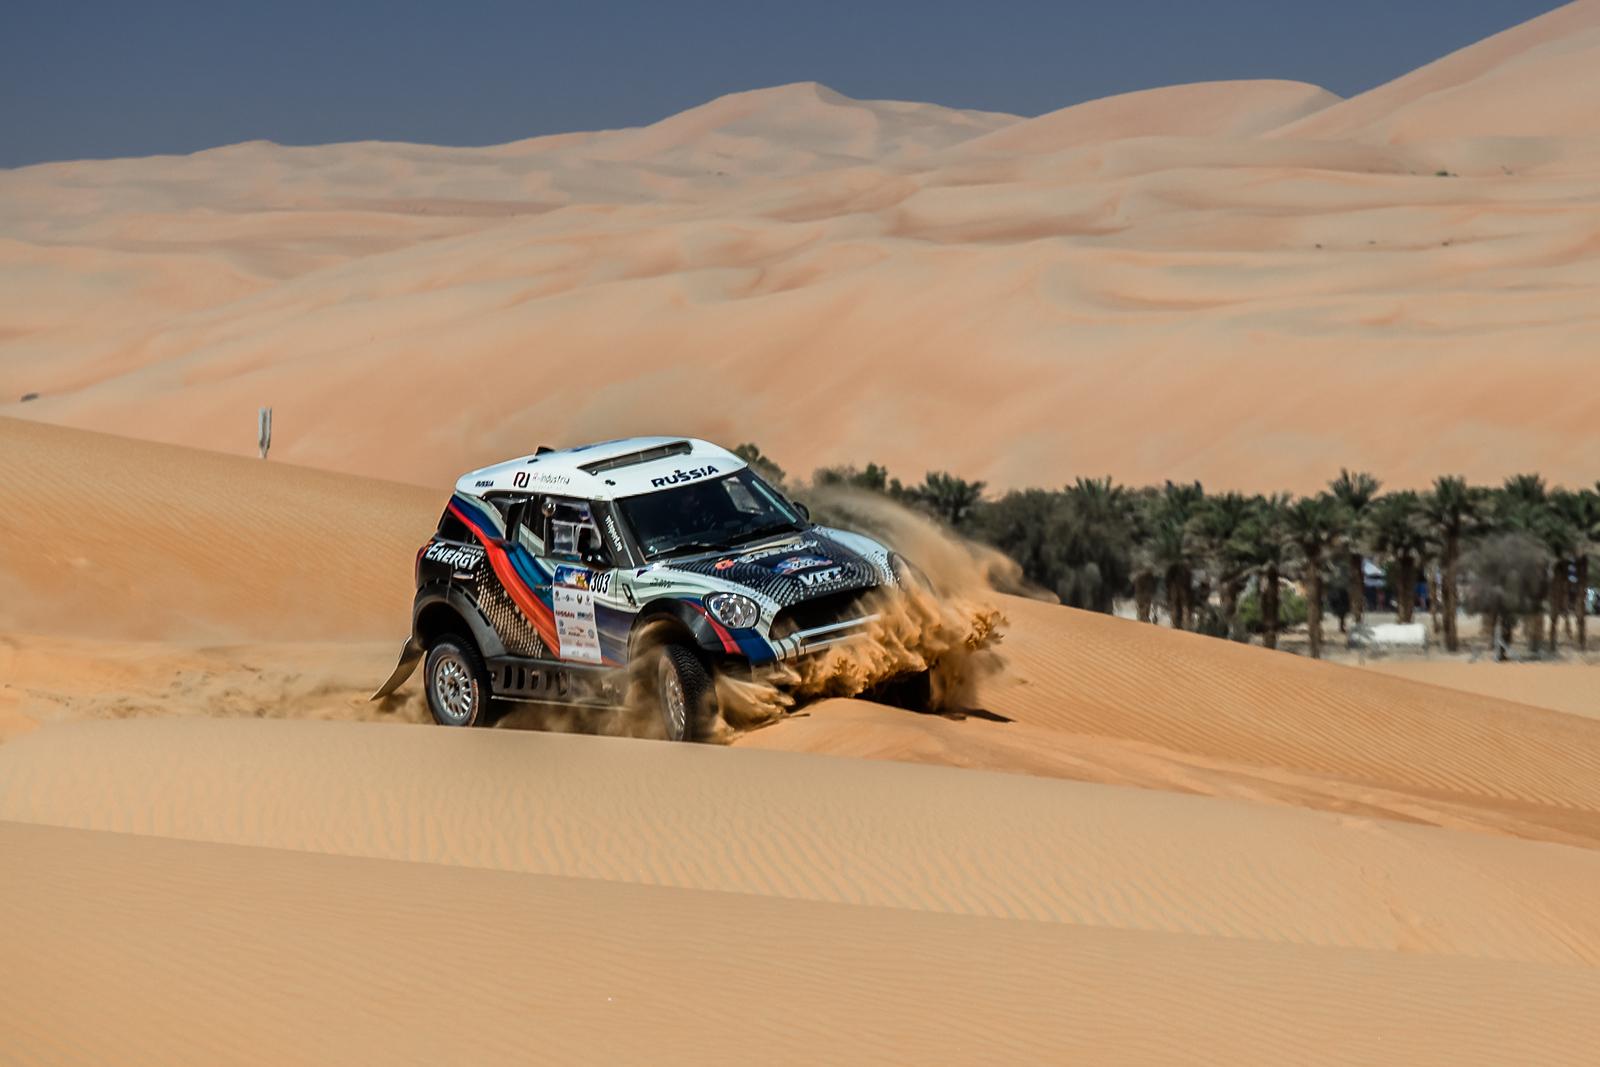 G-Energy Team: жаркий день в пустыне на пути к поставленной цели